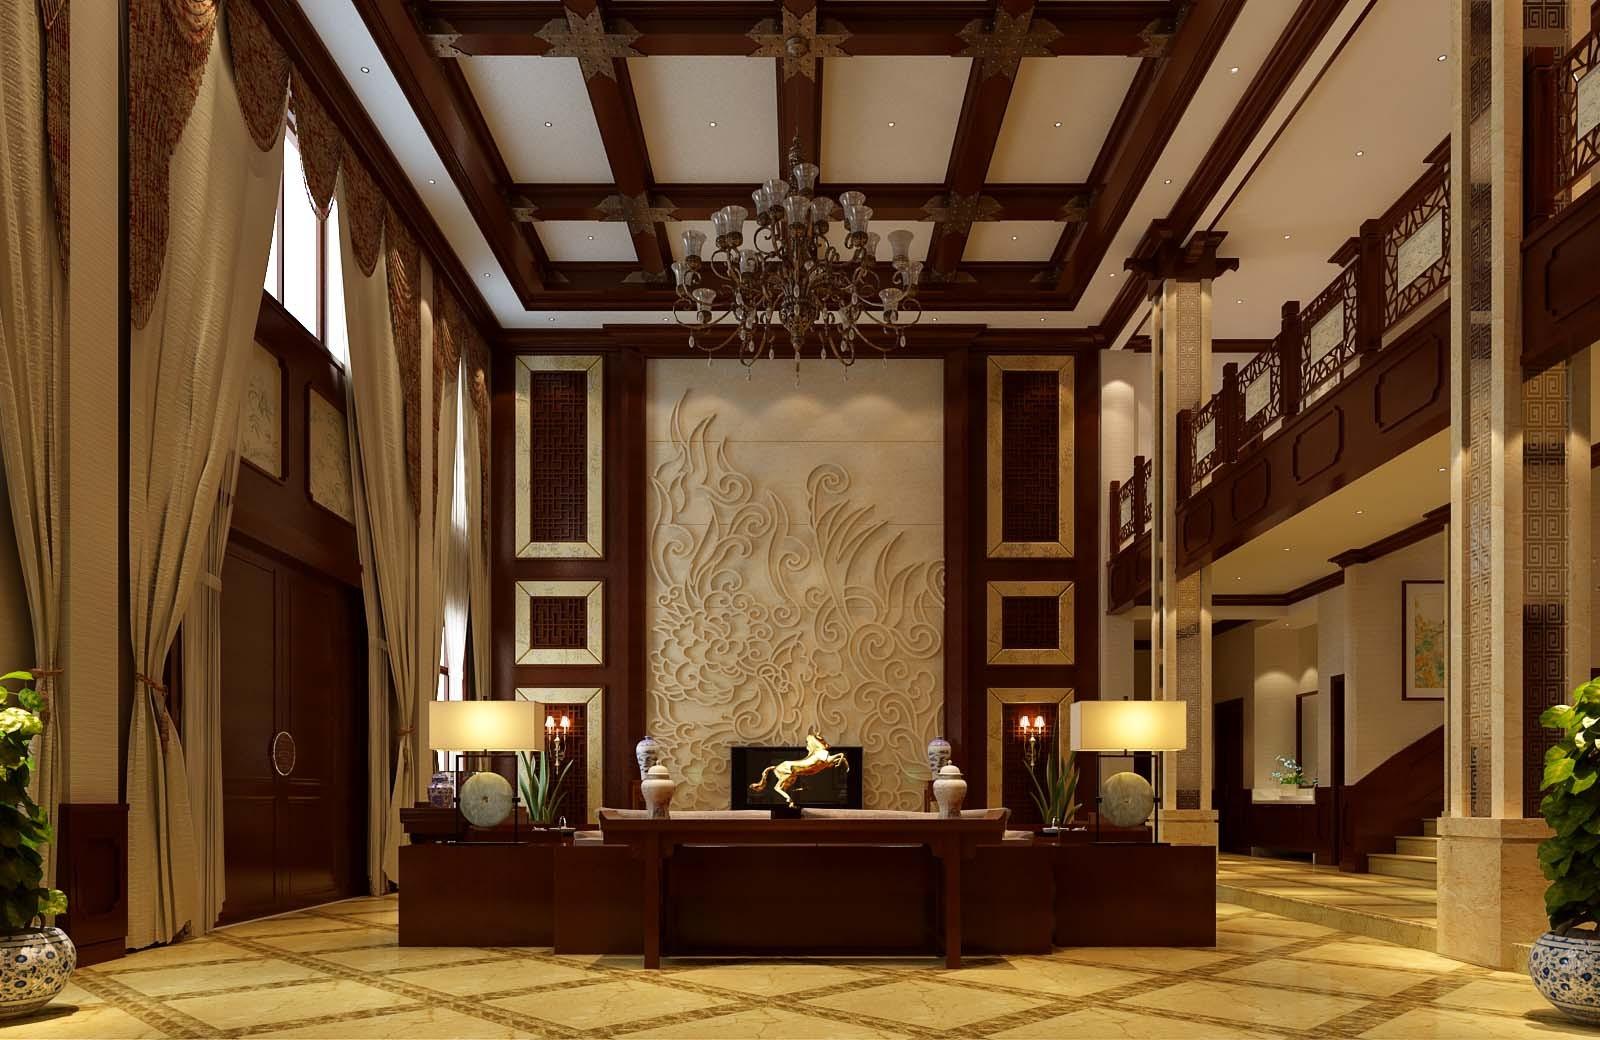 郑州自建1000平样板设计中式铜门装修别墅间设计风格别墅仿大门图片